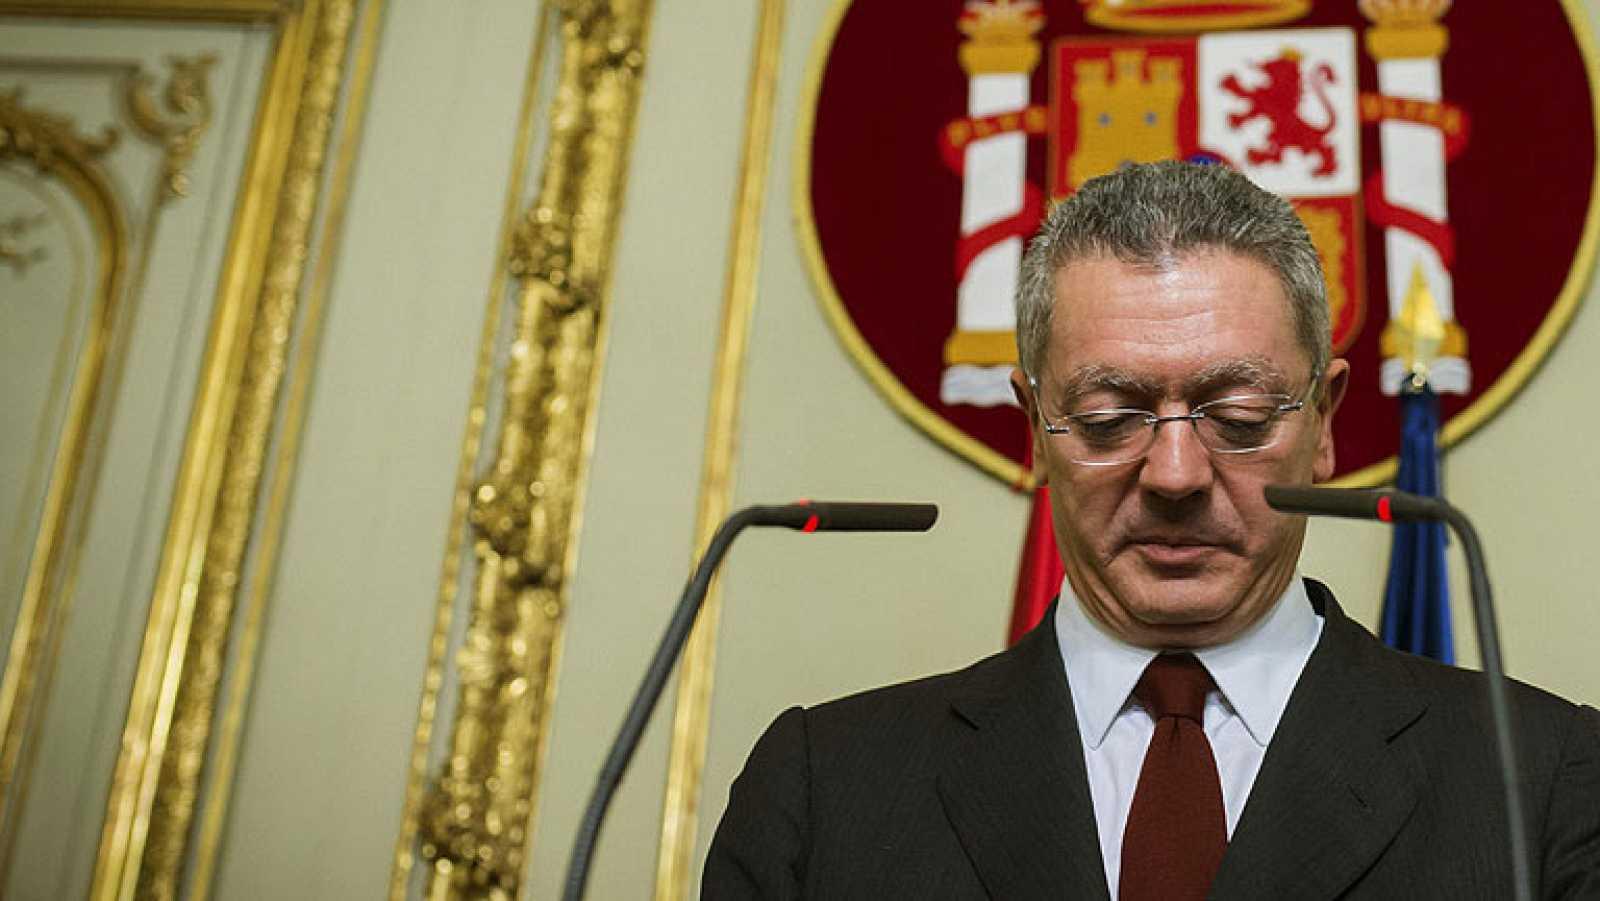 Gallardón dimite como ministro de Justicia y abandona la política tras la retirada de la reforma de la ley del aborto